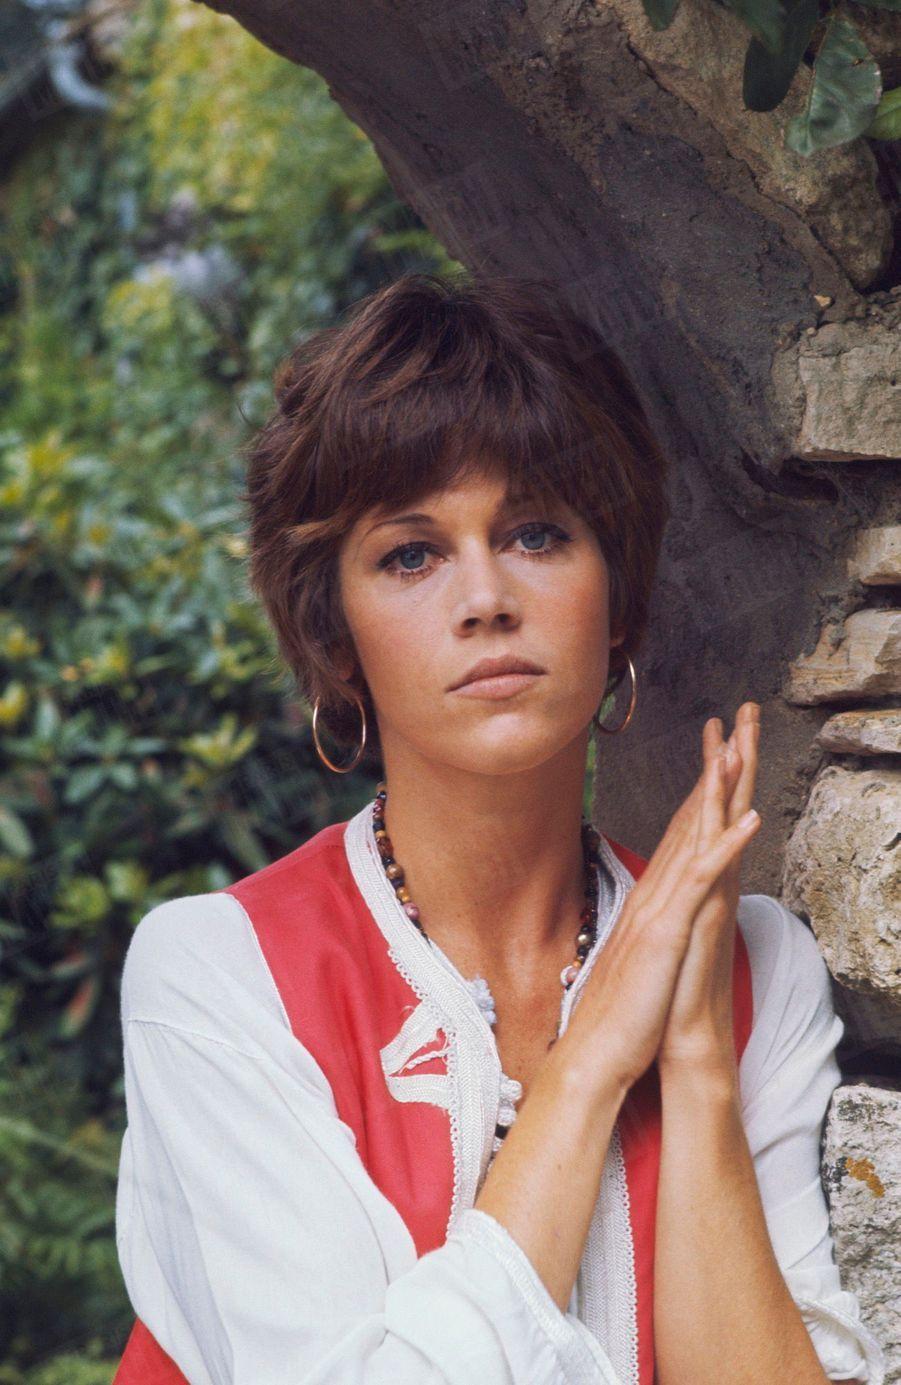 Jane Fonda dans sa propriété de campagne, à 80 km de Paris, en 1969.